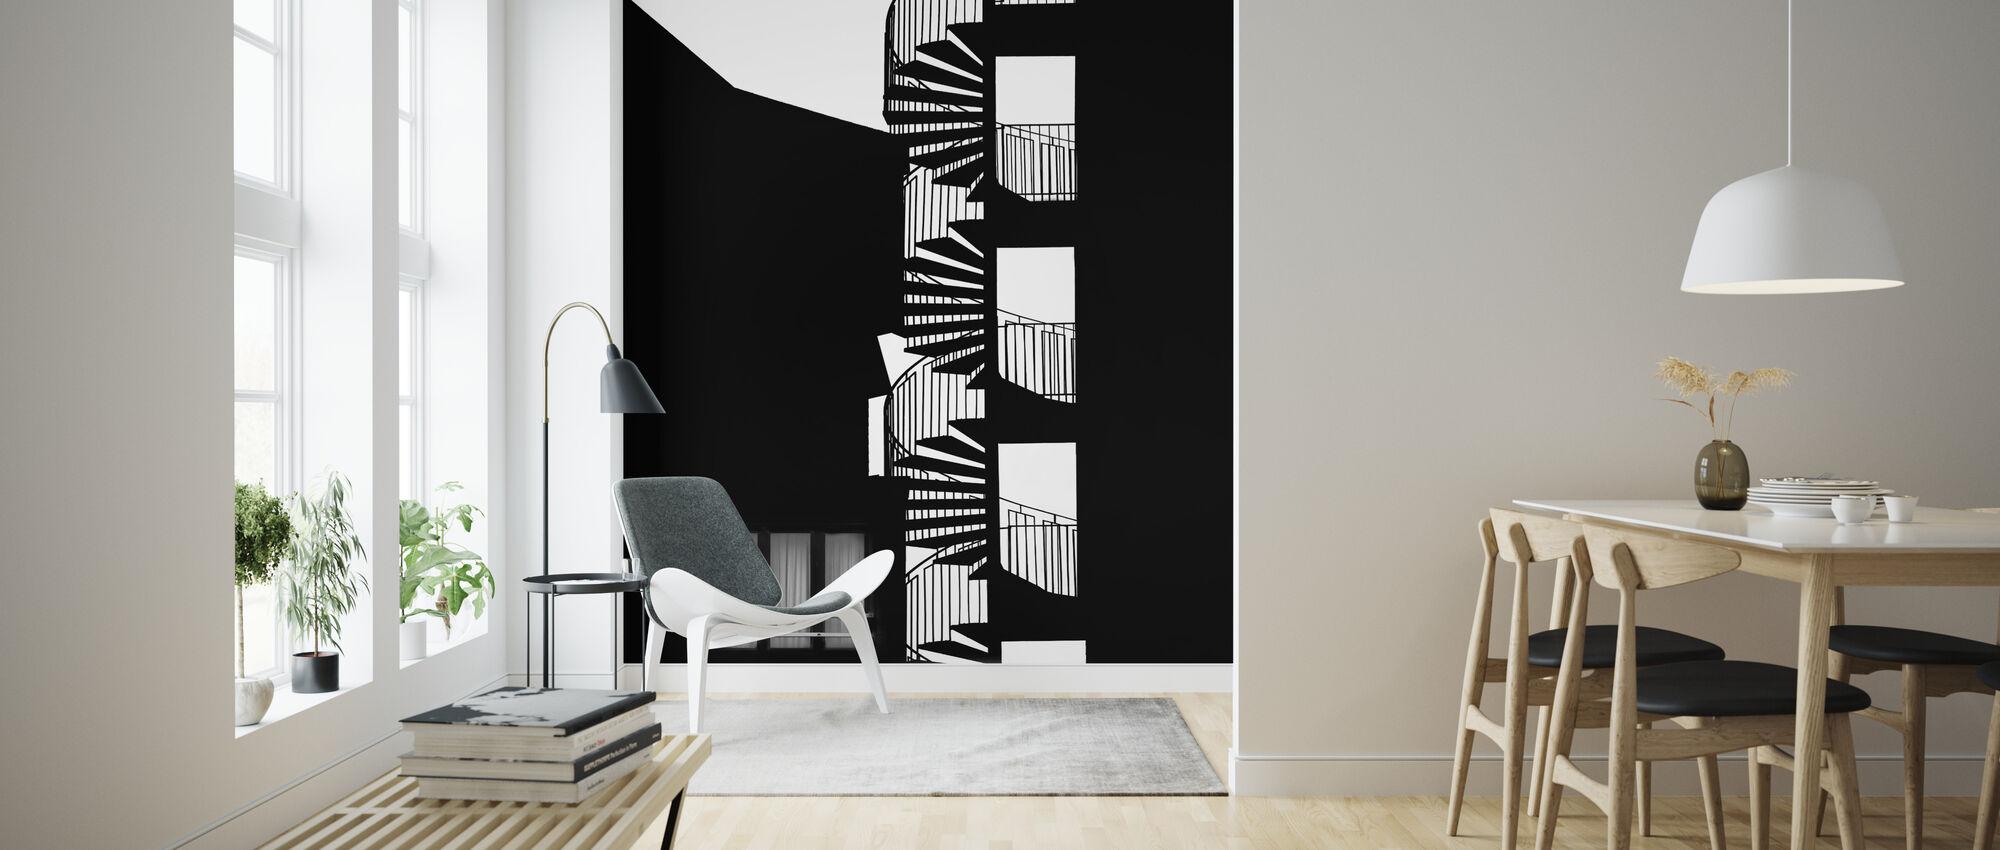 Silhouette - Wallpaper - Living Room